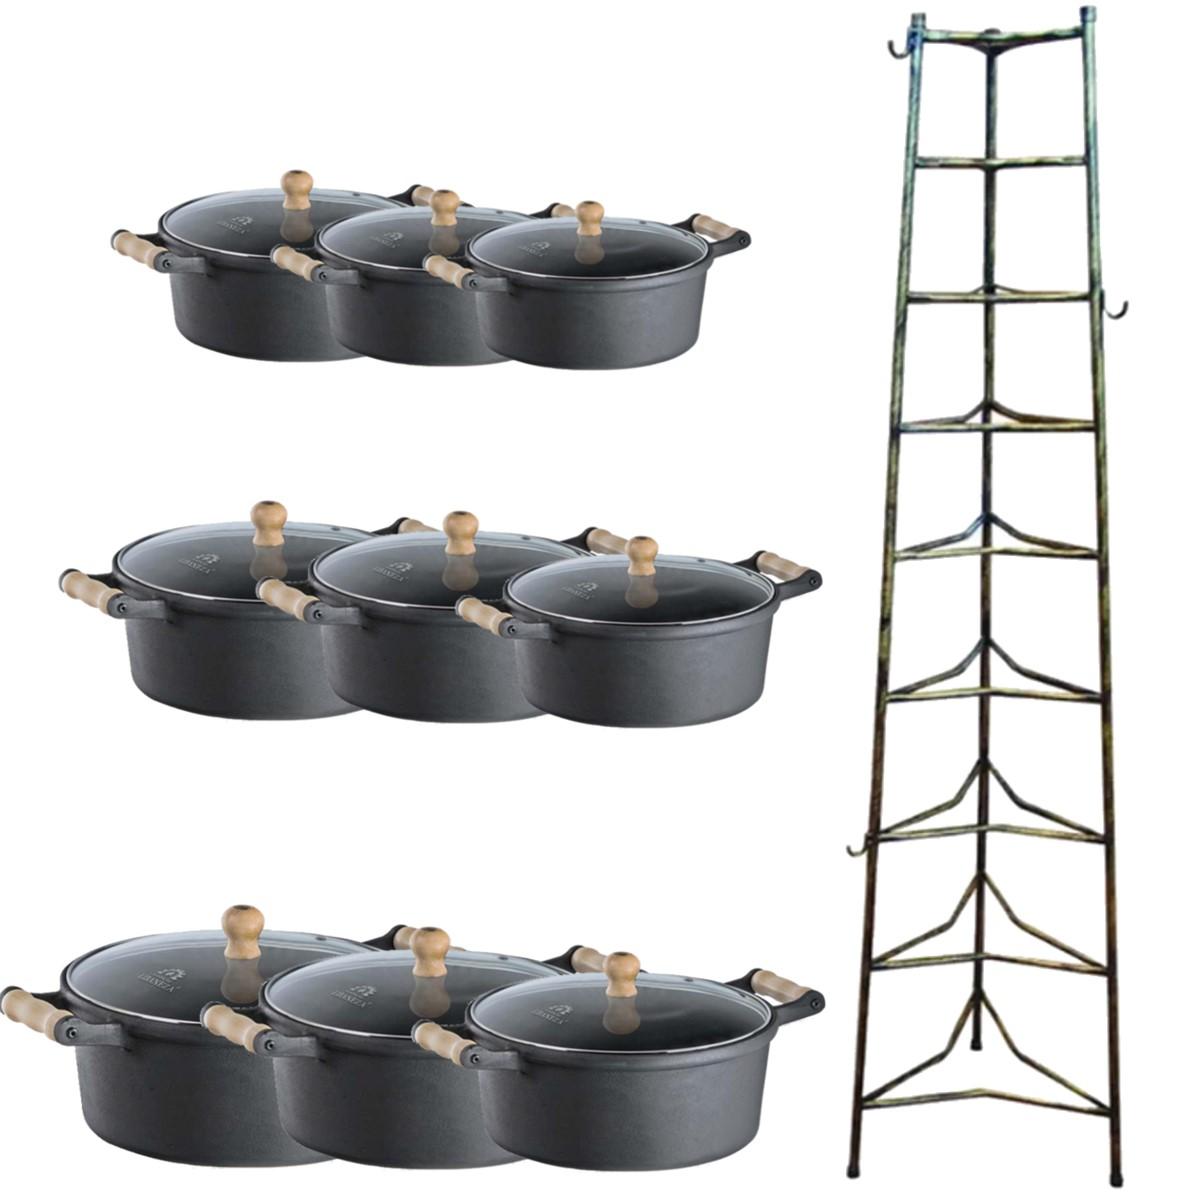 Jogo Caçarolas tampa de vidro alças de madeira mais paneleiro 16 ao 32cm  - Panela de Ferro Fundido